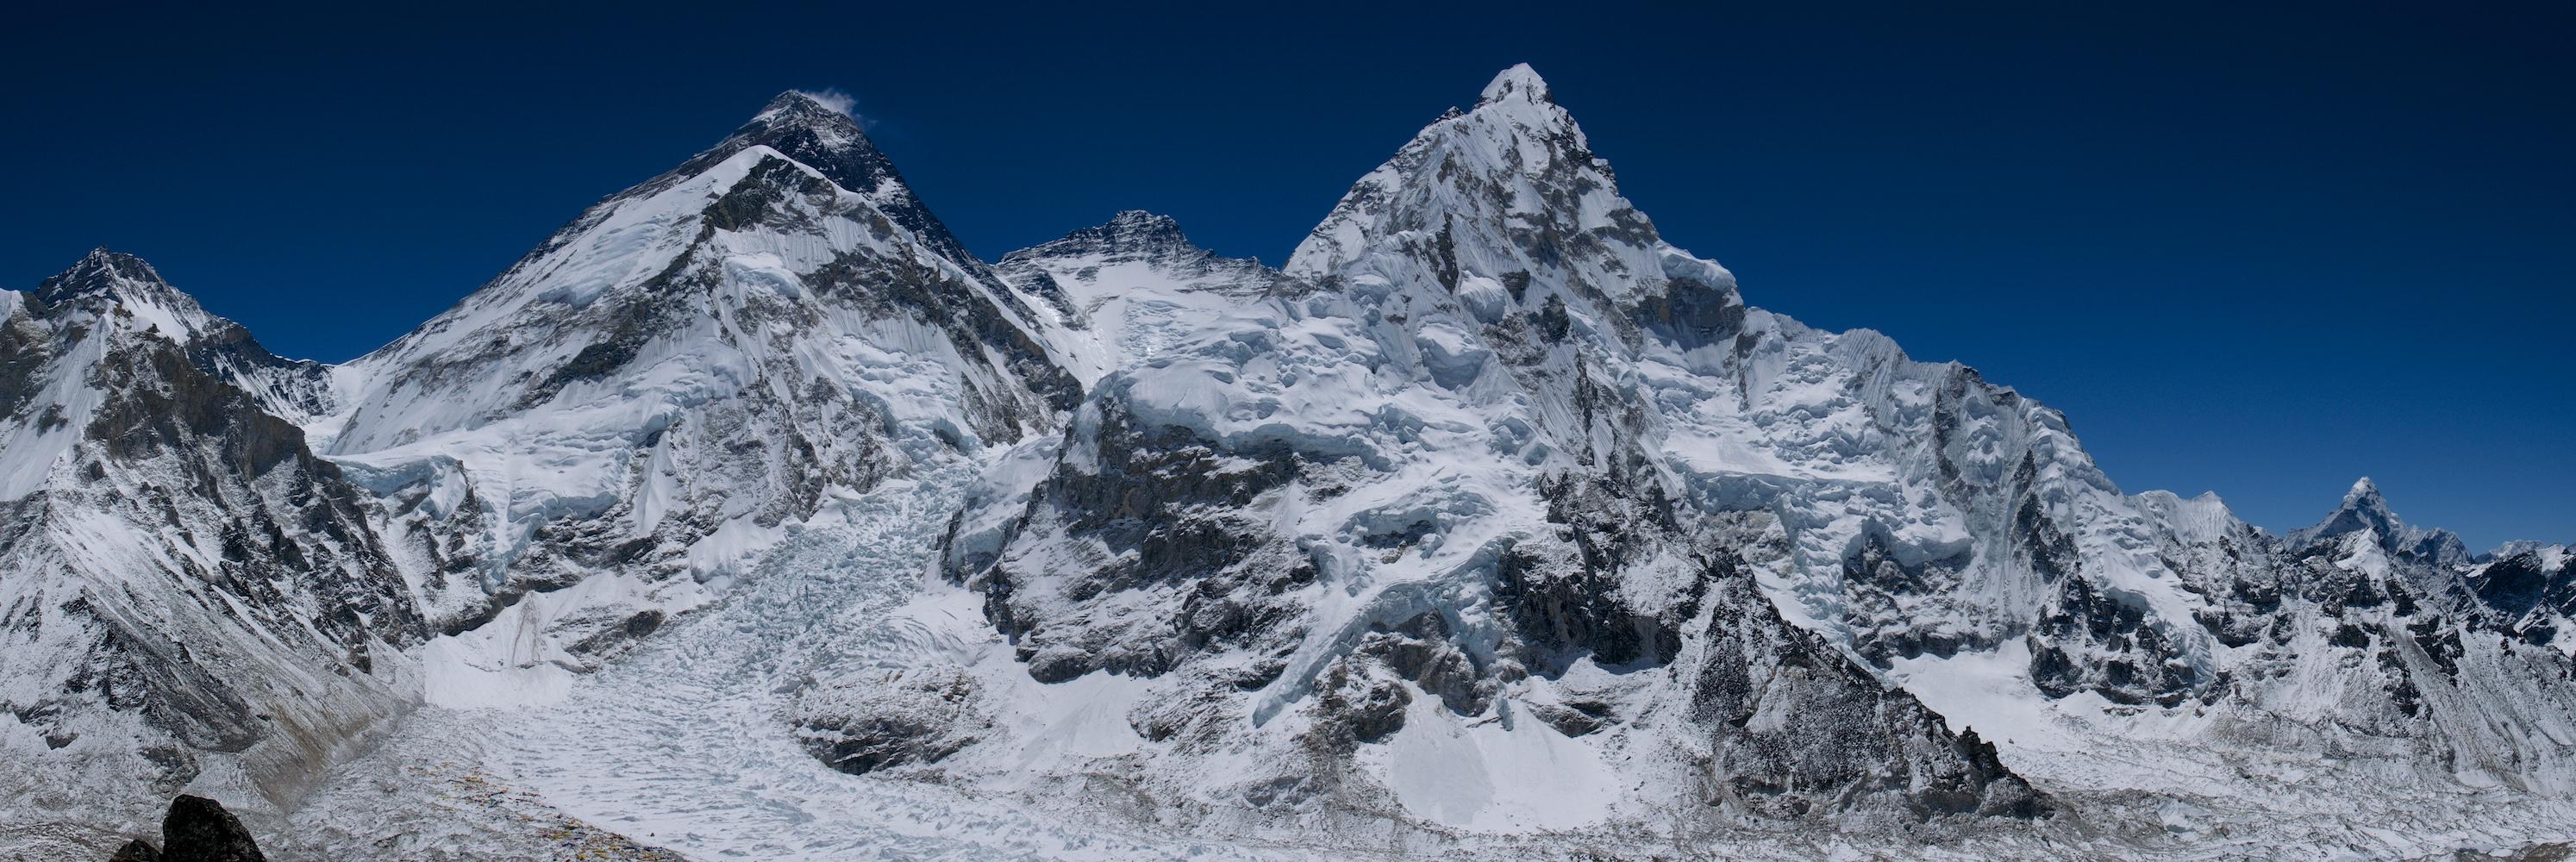 Everestin massiivi ja Khumbu-jäätikkö